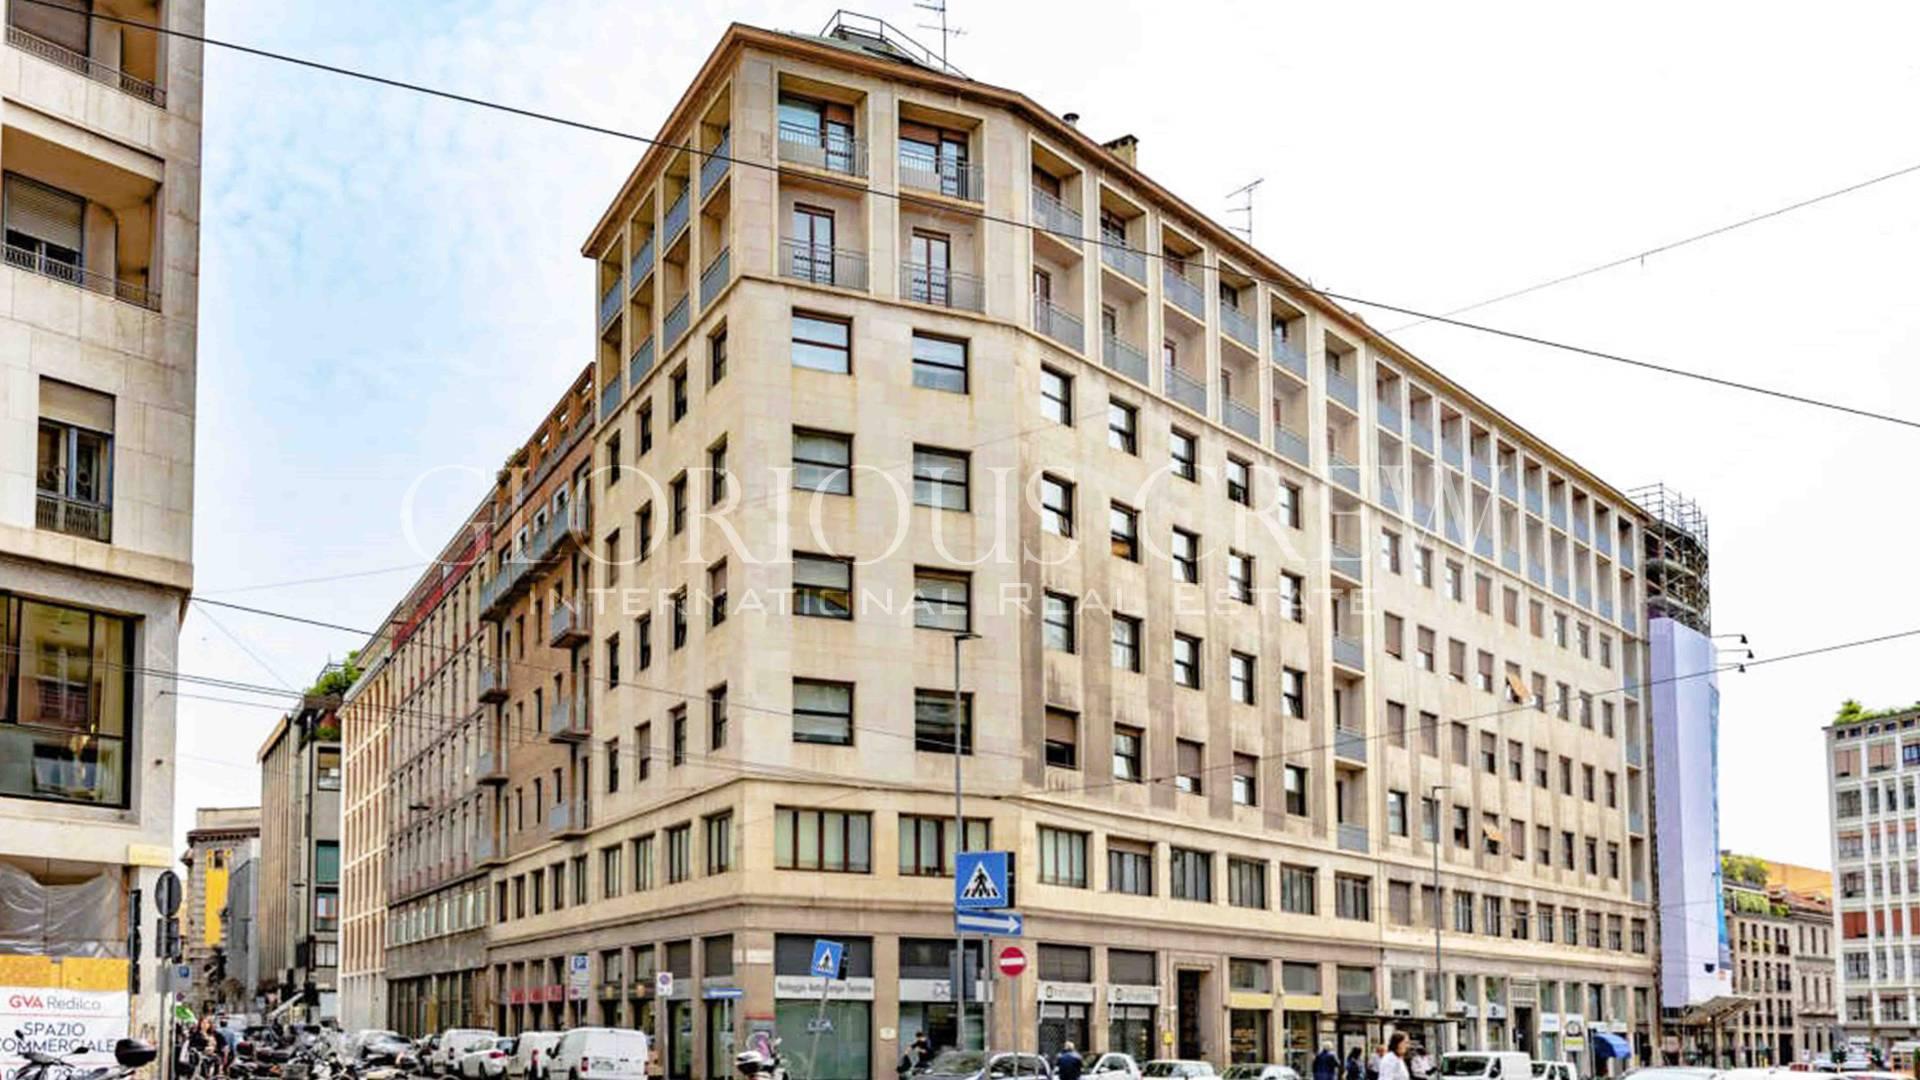 Ufficio-studio in Affitto a Milano 01 Centro storico (Cerchia dei Navigli):  3 locali, 72 mq  - Foto 1